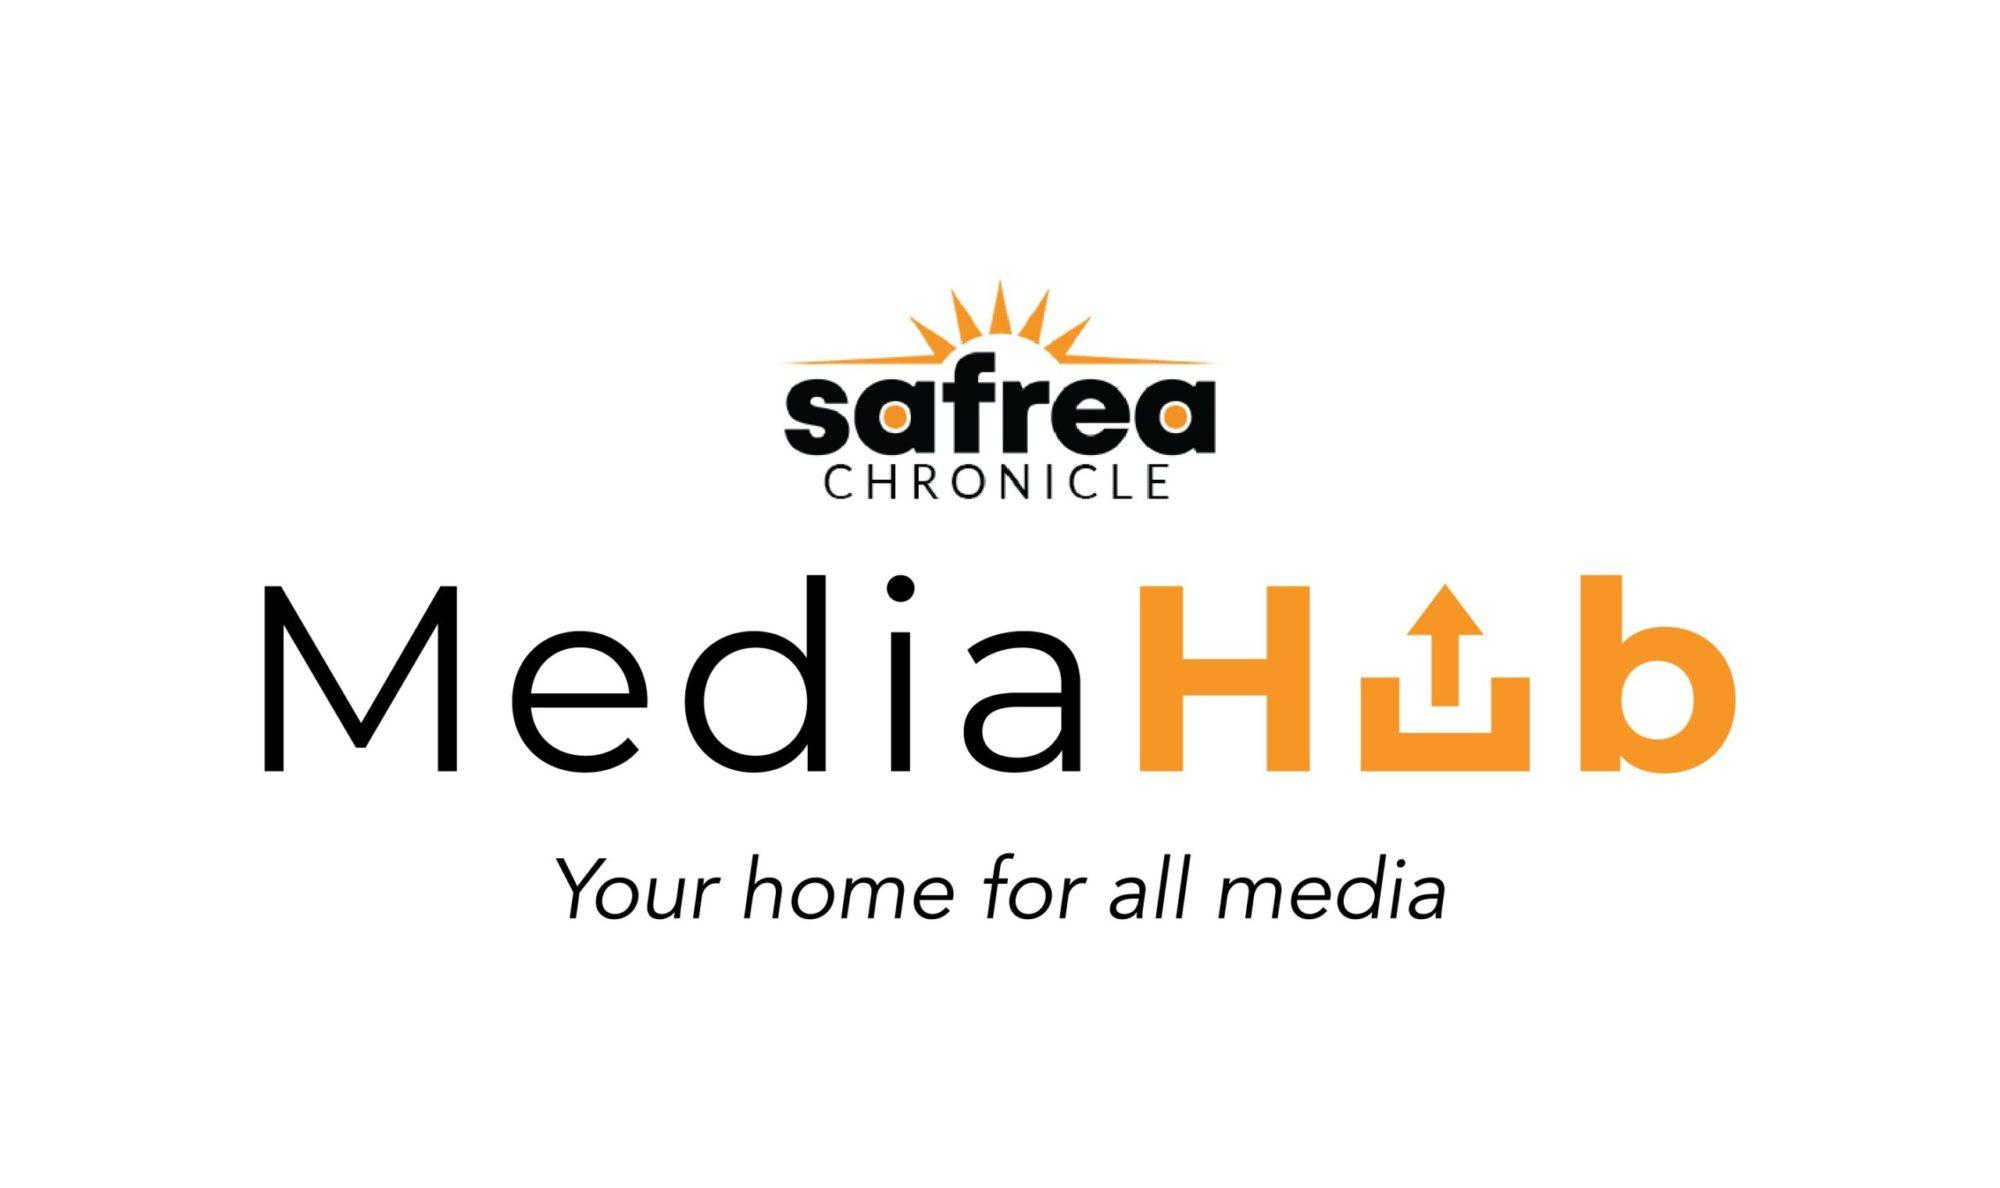 Safrea MediaHub